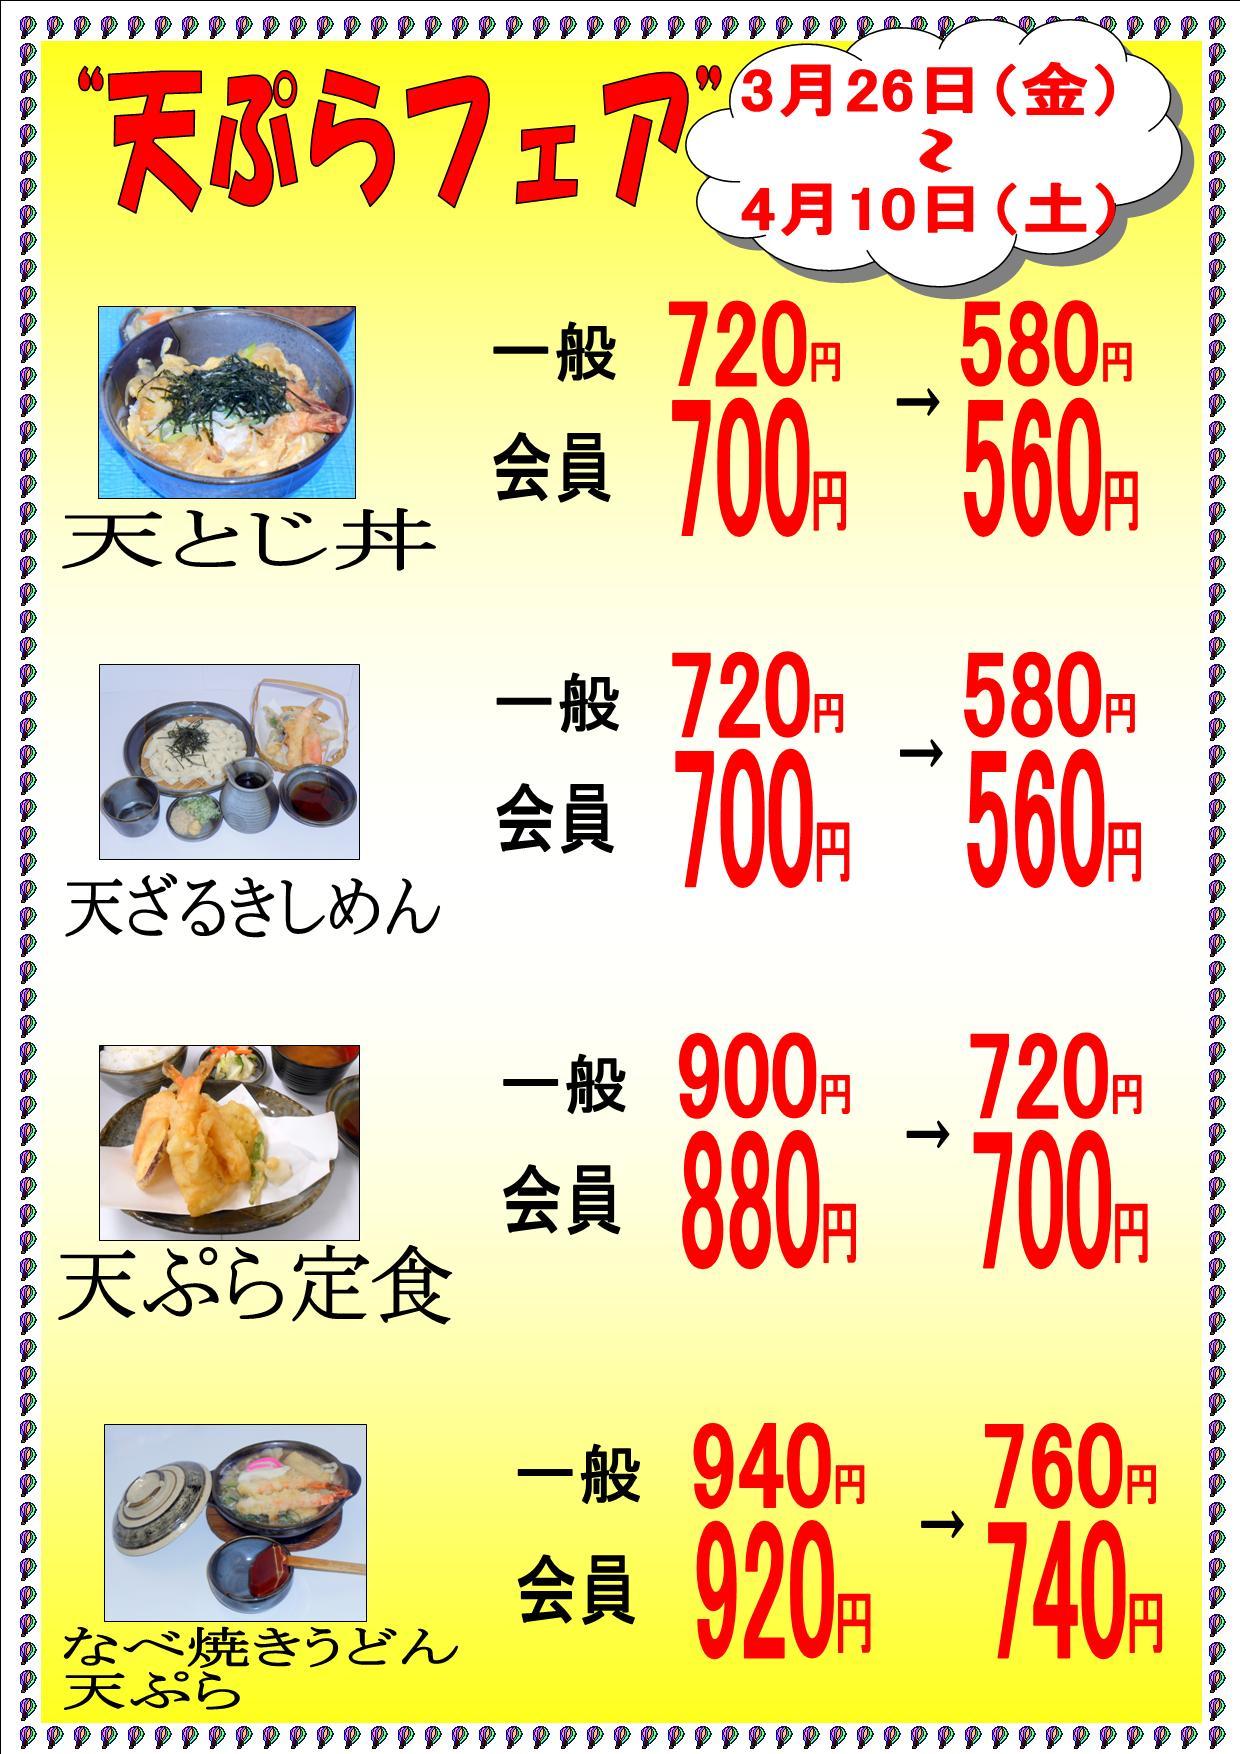 天ぷら定食26